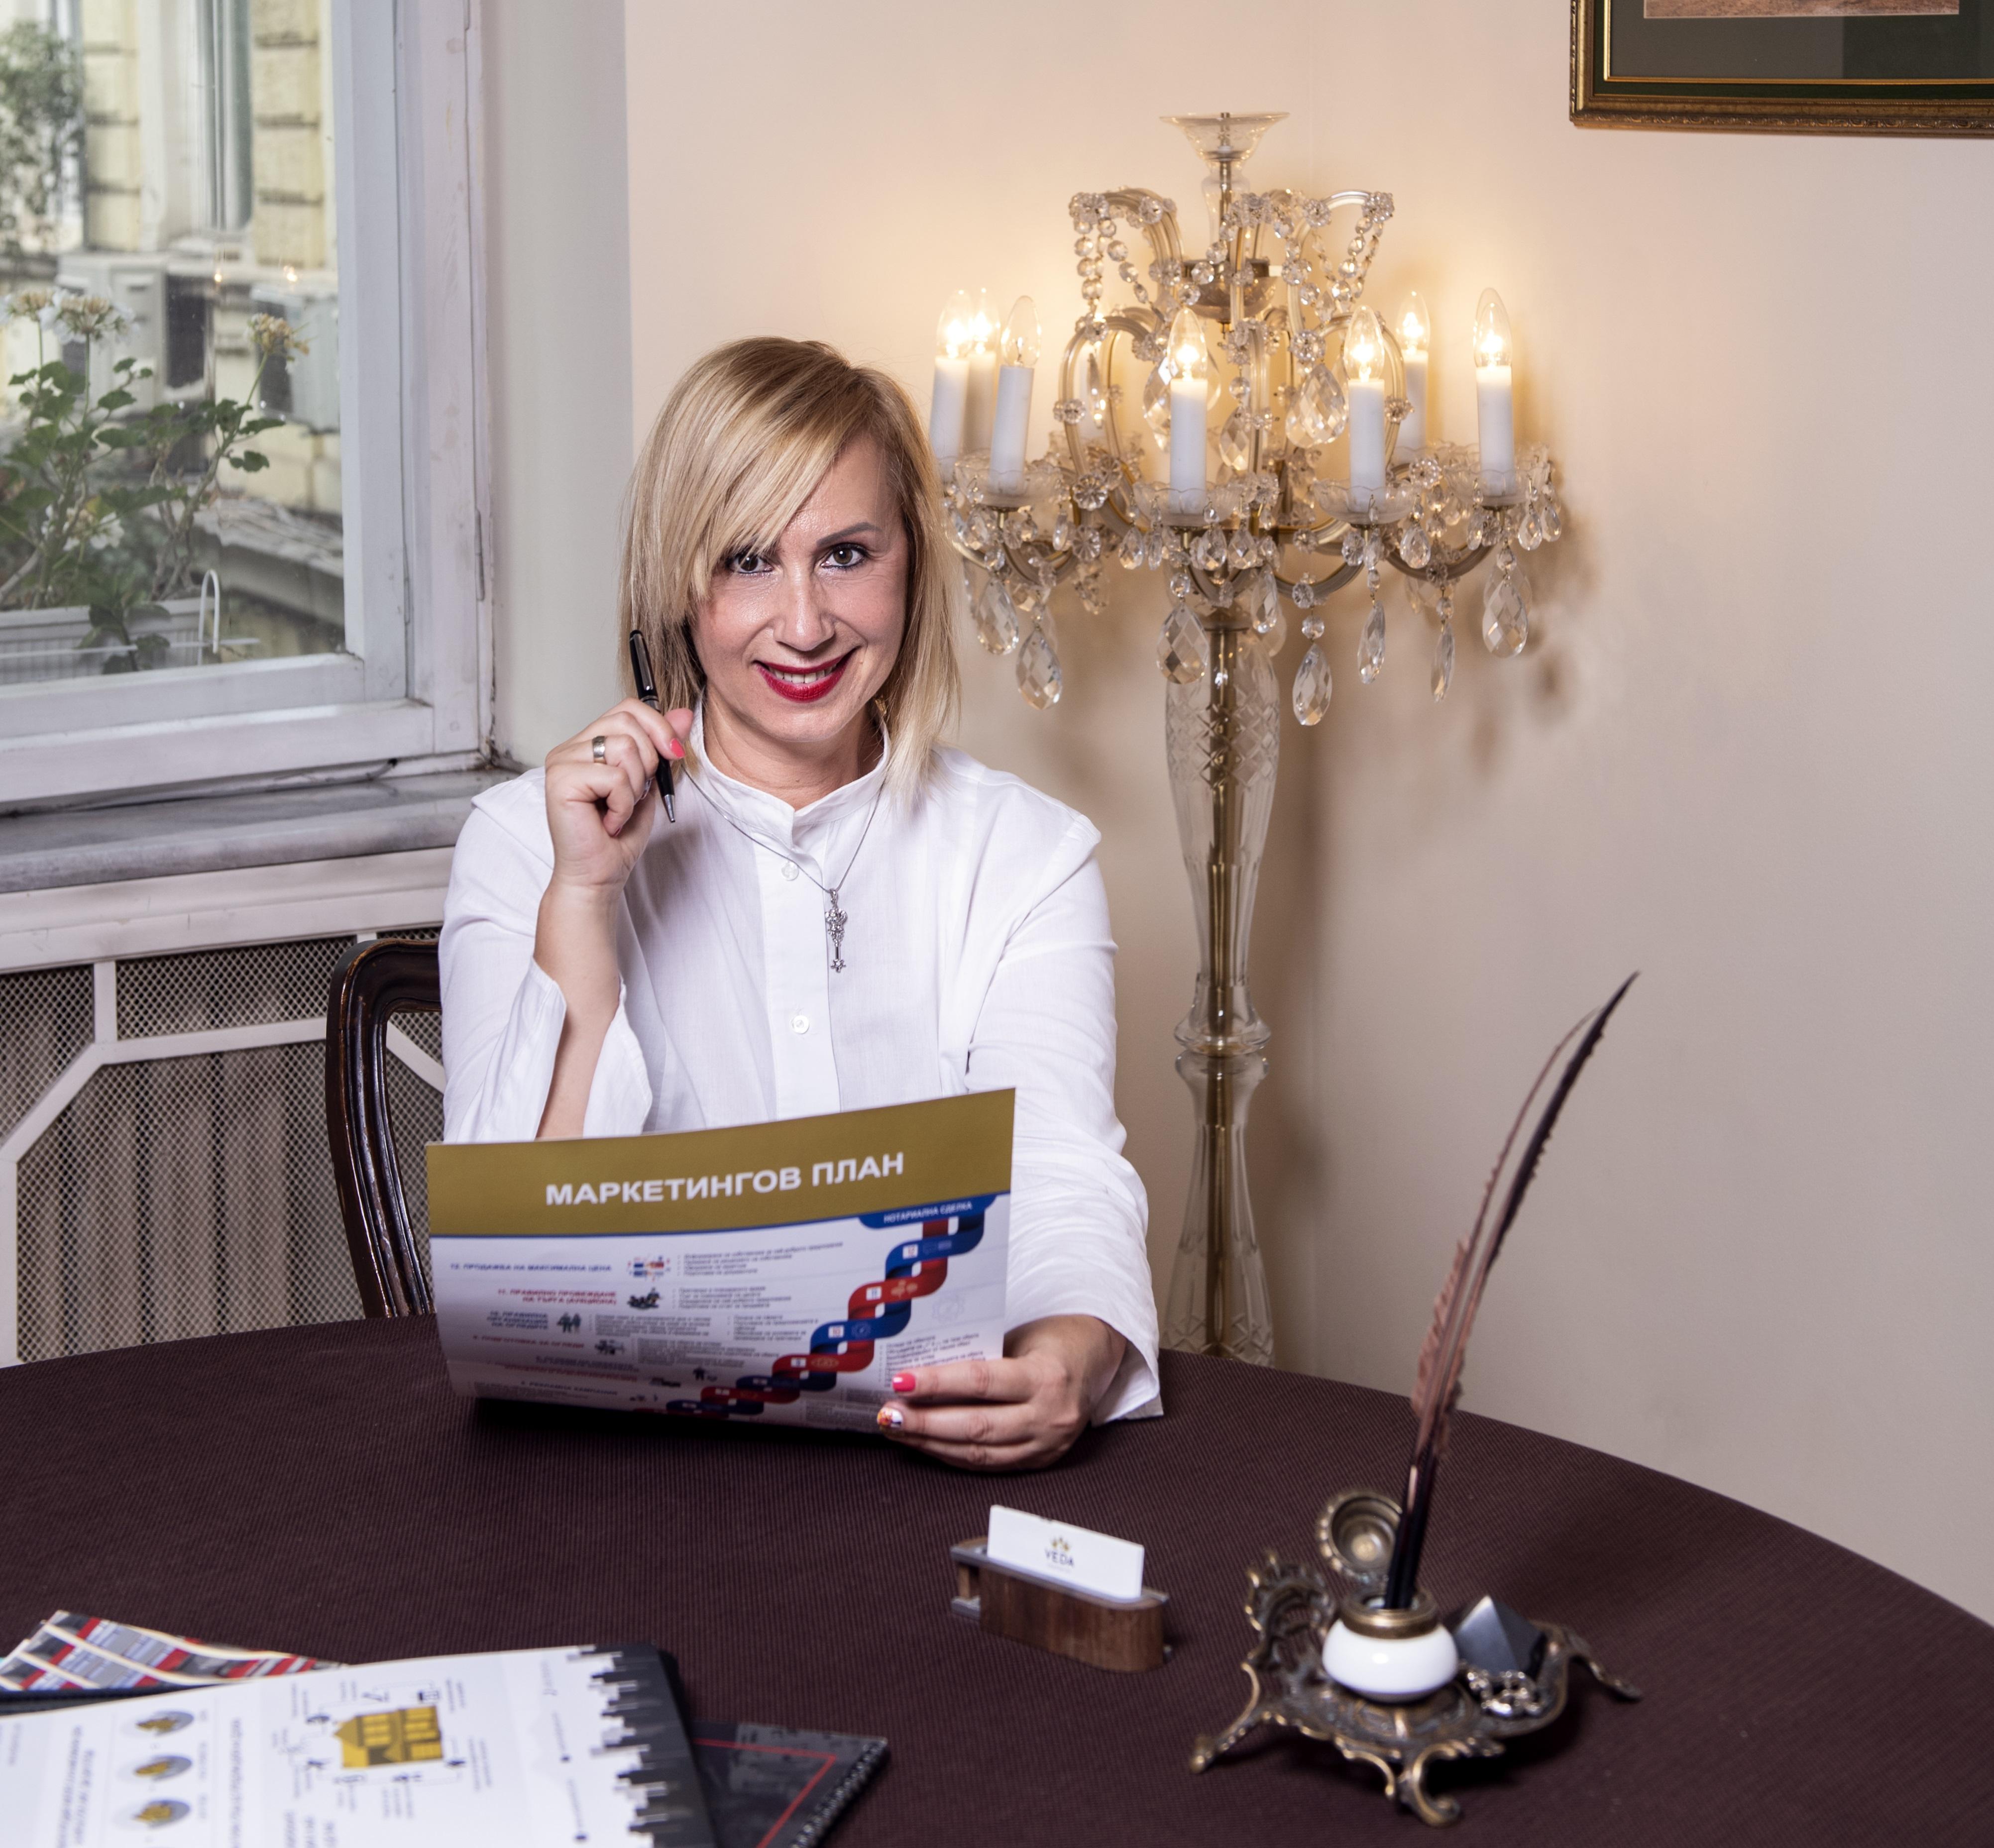 Даниела Грозева, Веда Корект: Продавачите на имоти имат нереалистични очаквания за печалба